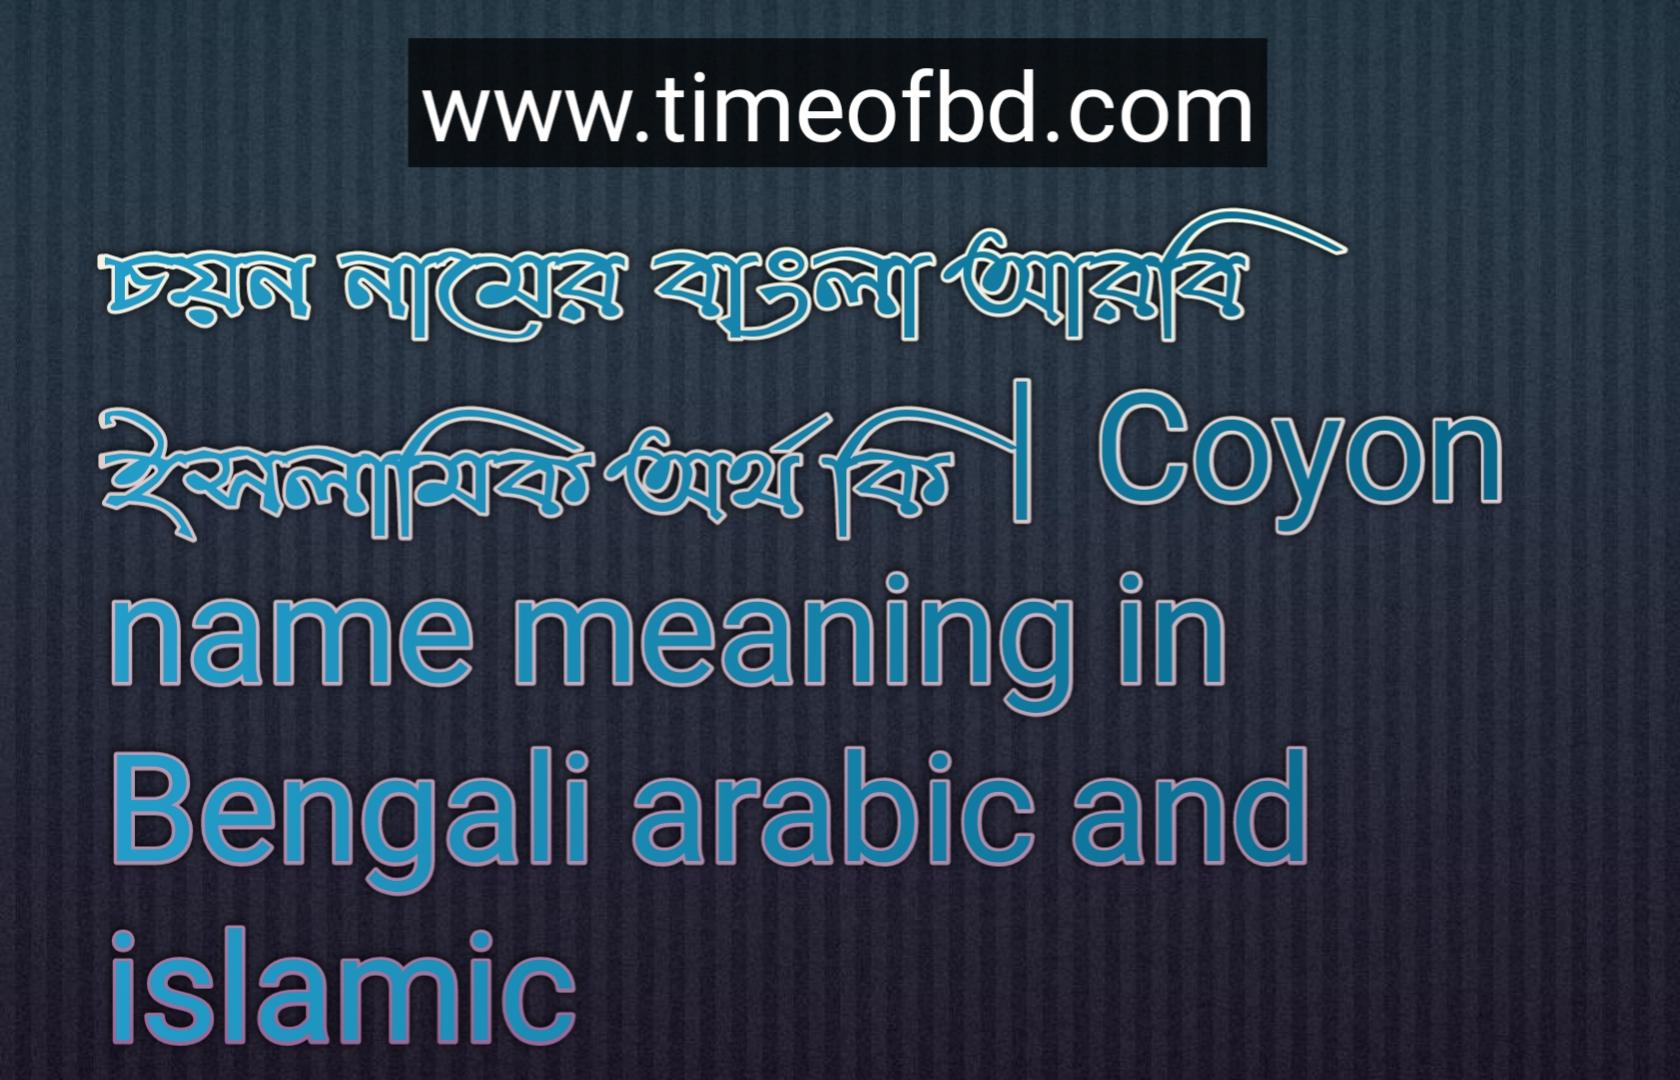 চয়ন নামের অর্থ কি, চয়ন নামের বাংলা অর্থ কি, চয়ন নামের ইসলামিক অর্থ কি, Coyon name meaning in Bengali, চয়ন কি ইসলামিক নাম,